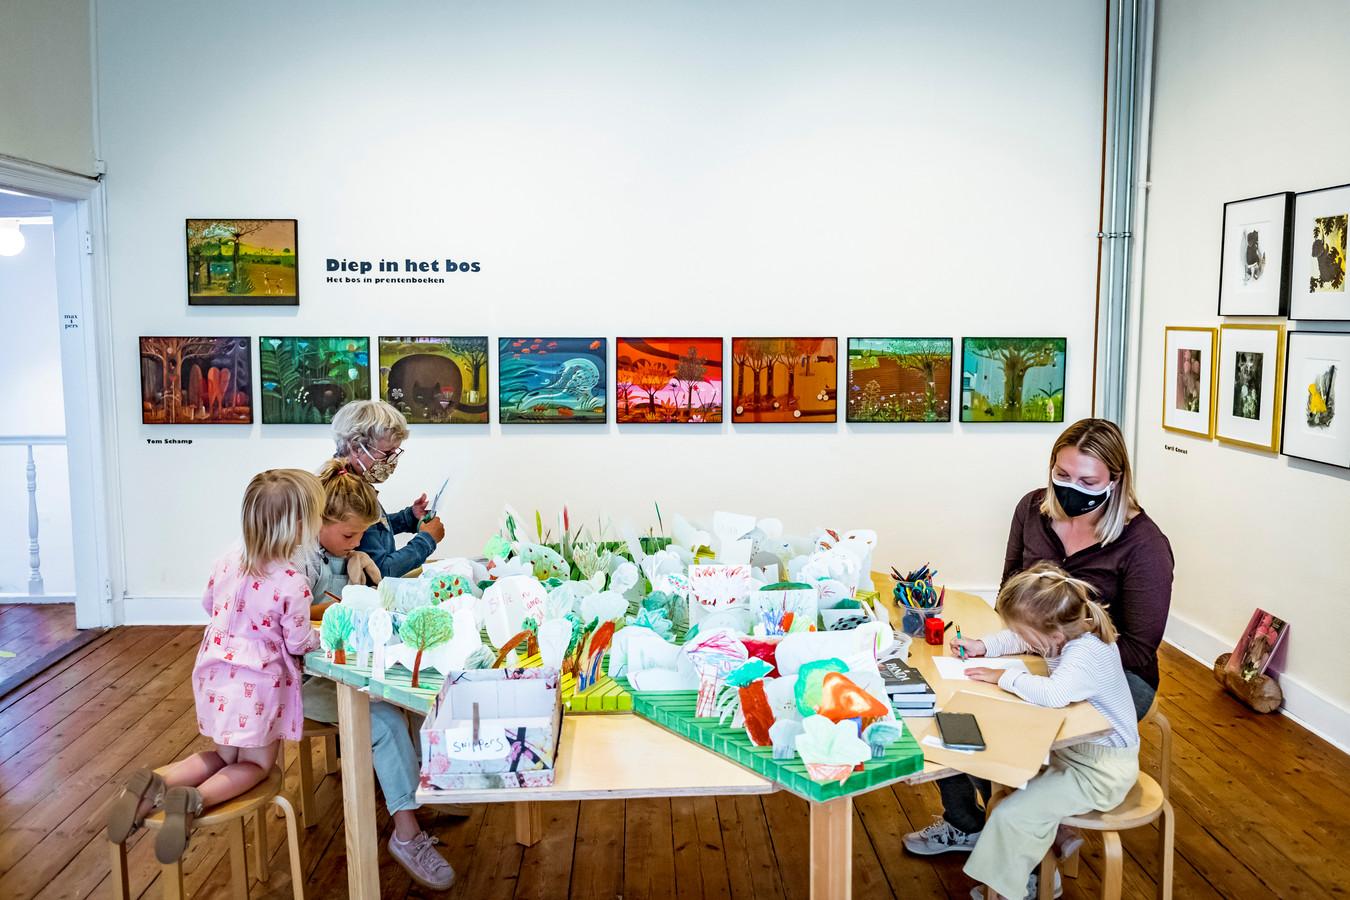 Villa Verbeelding pakt uit met een gloednieuwe jaarplanning, waarin ook de expo 'Diep in het bos' wordt verlengd tot eind mei.